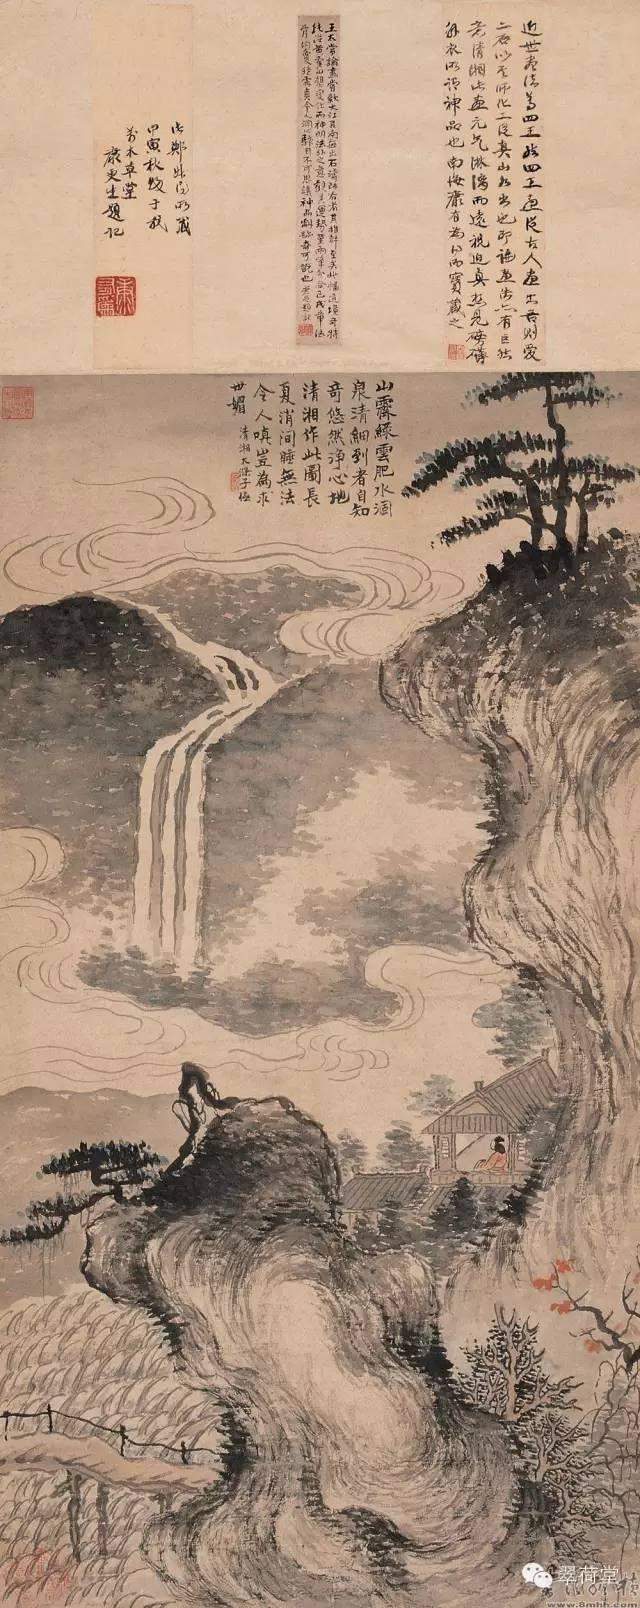 【推荐】中国画一代宗师——石涛